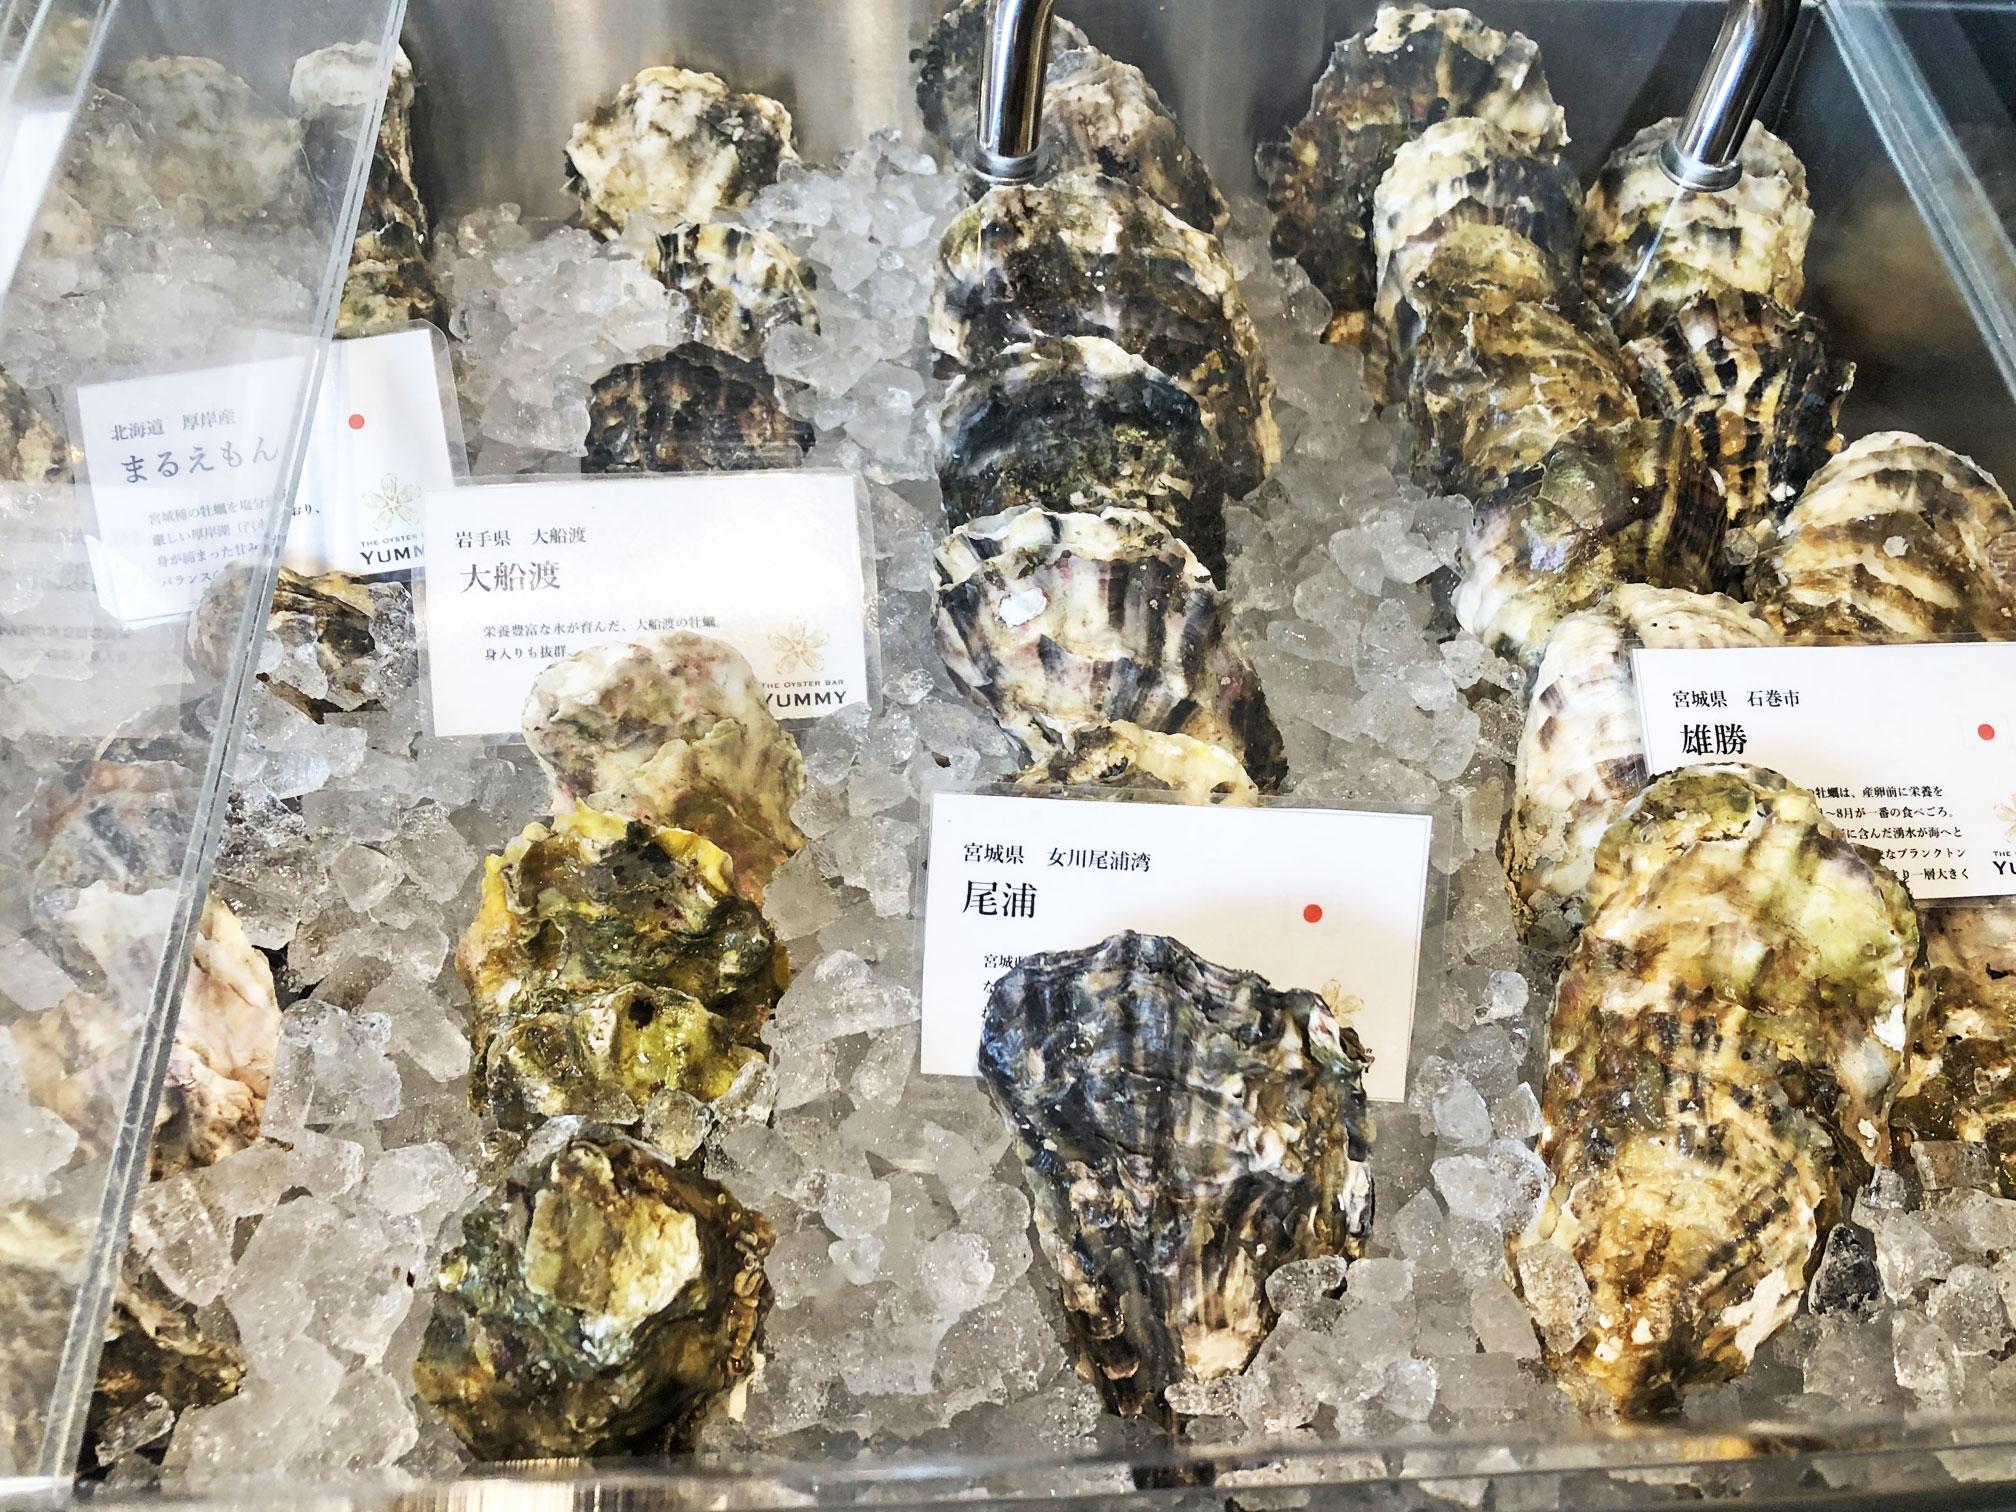 オイスターバーYUMMYの生牡蠣